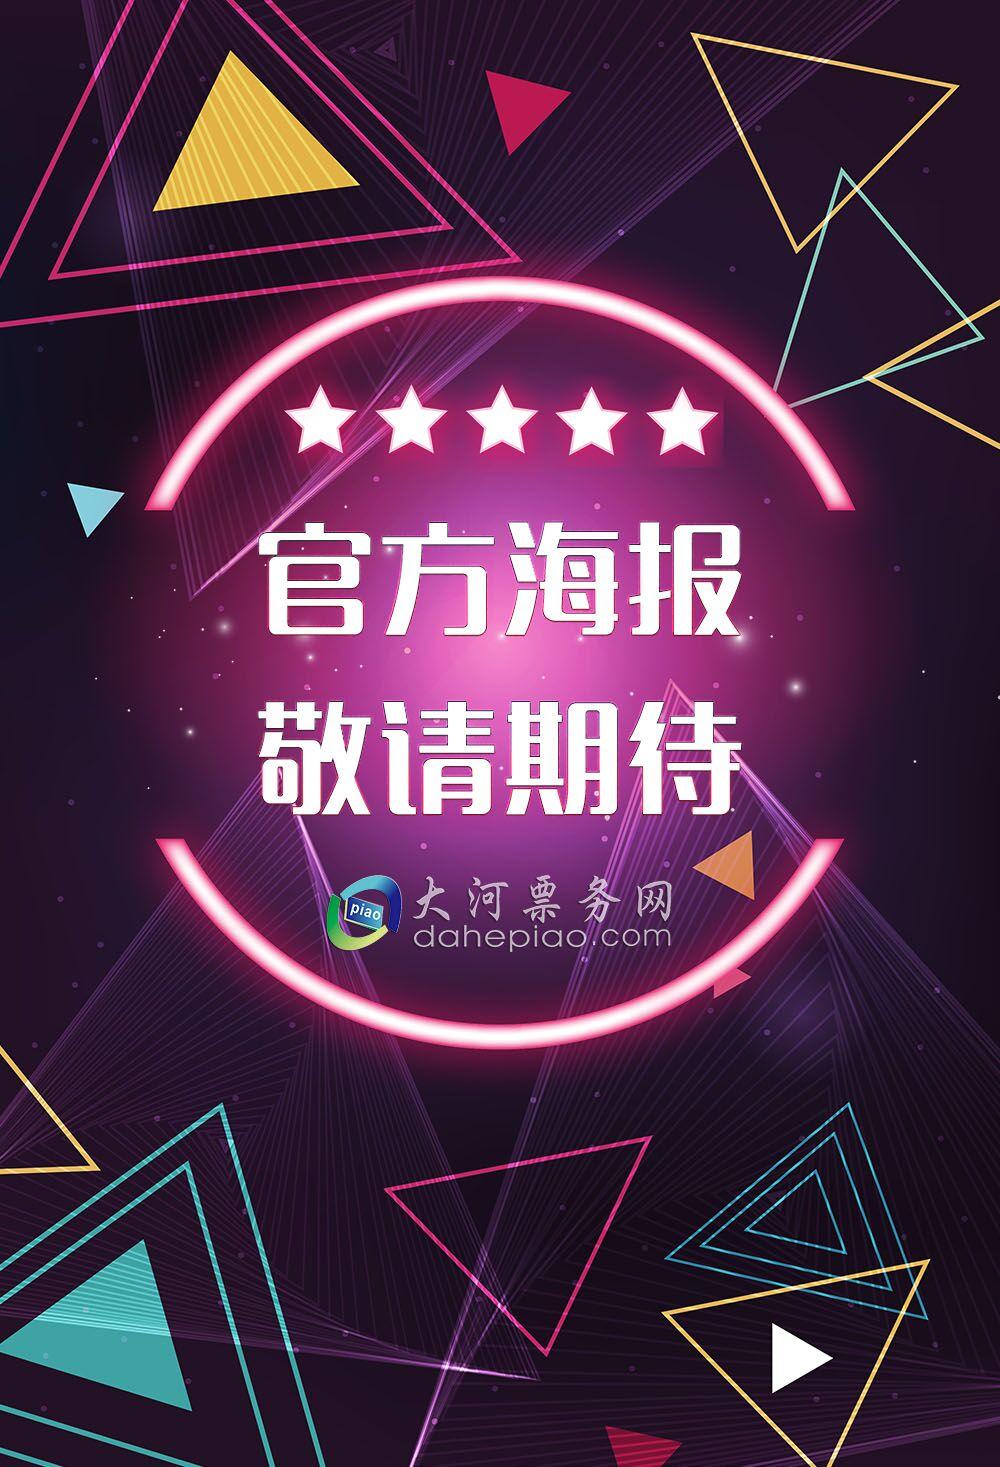 2020英雄联盟S10全球总决赛-上海站